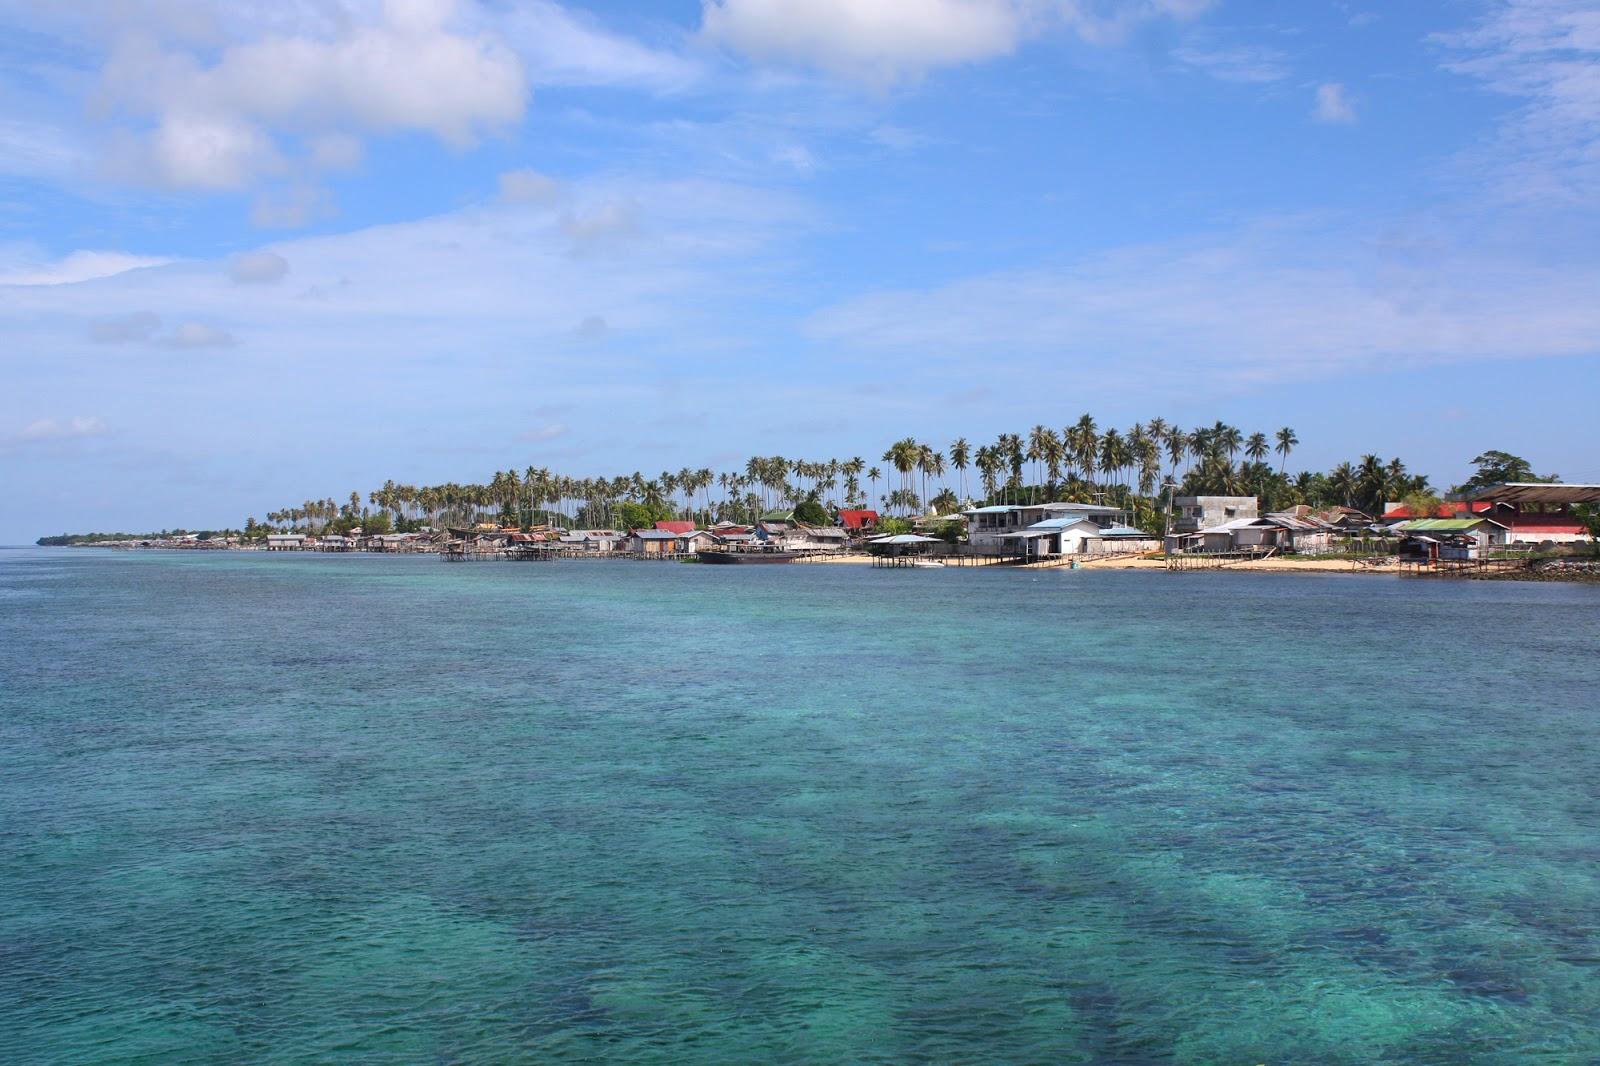 Sibutu Island